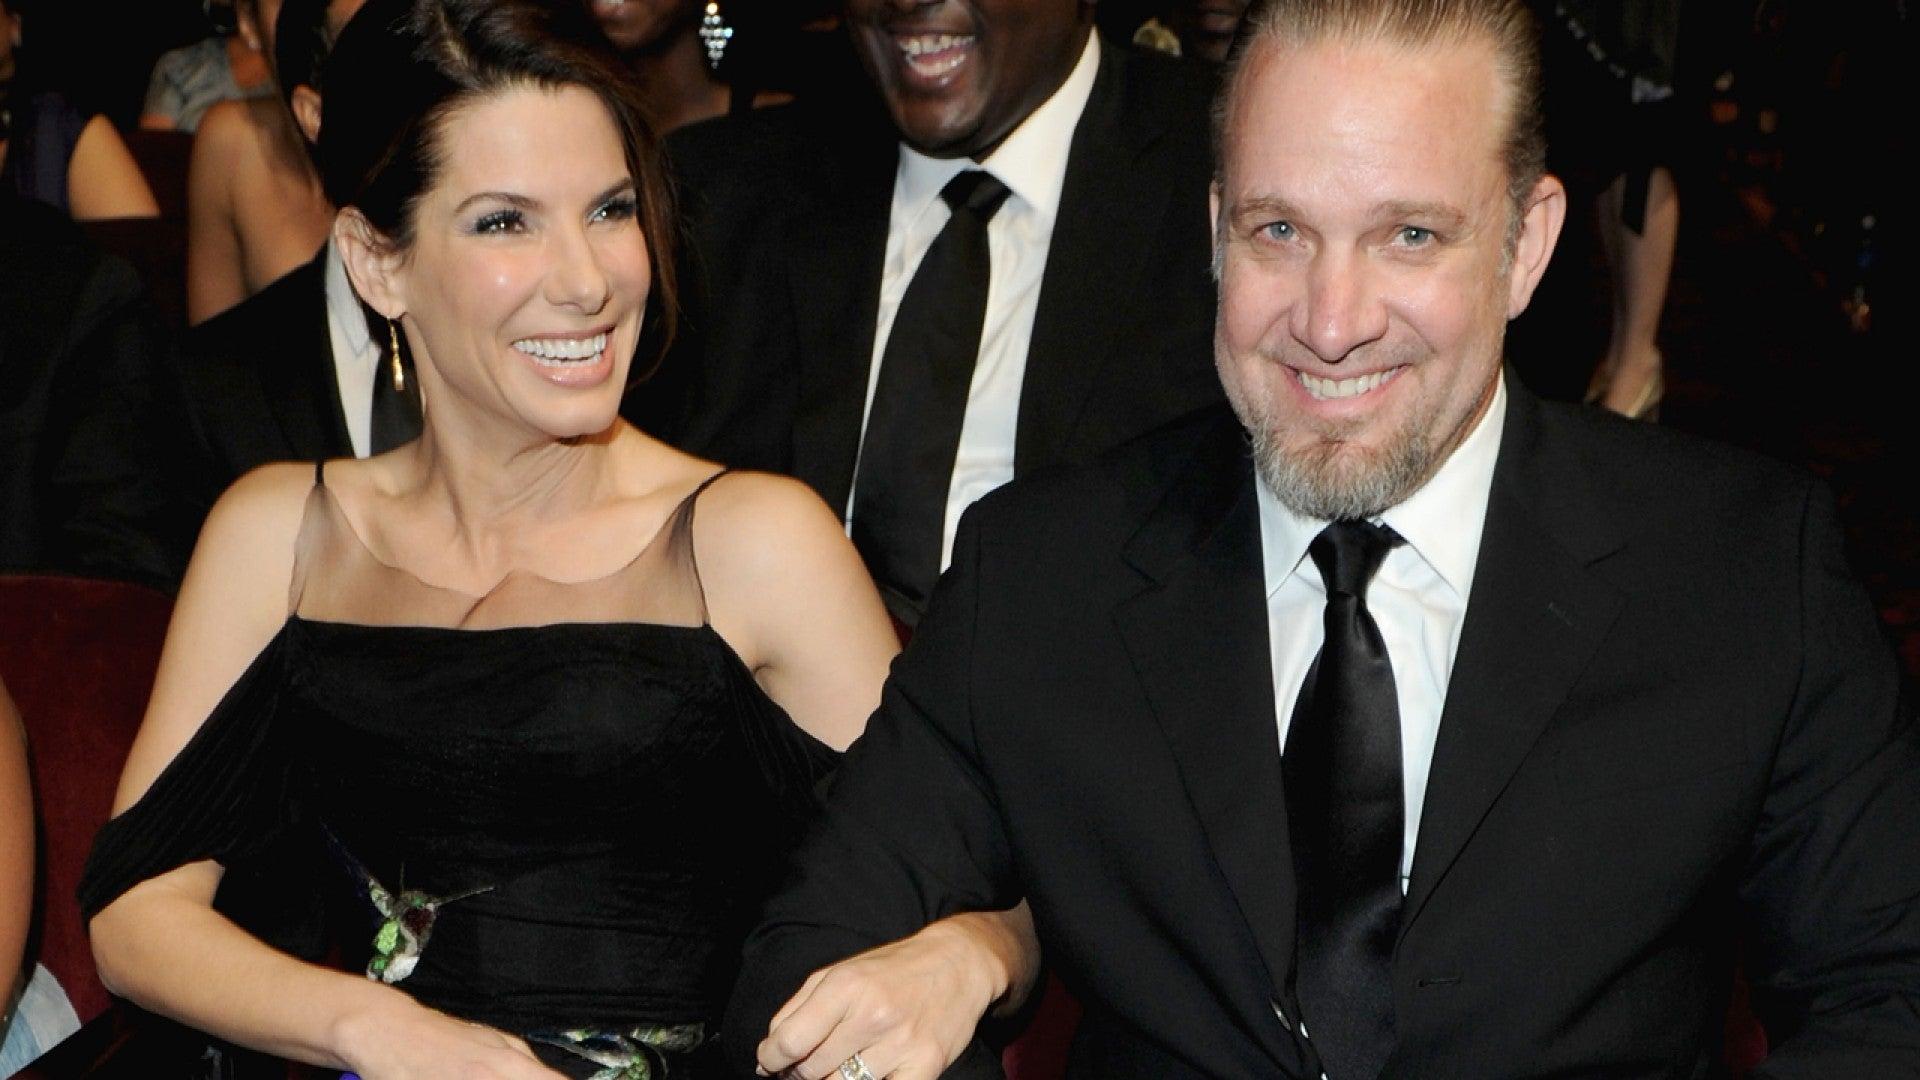 Bullock randall sandra split bryan Sandra Bullock